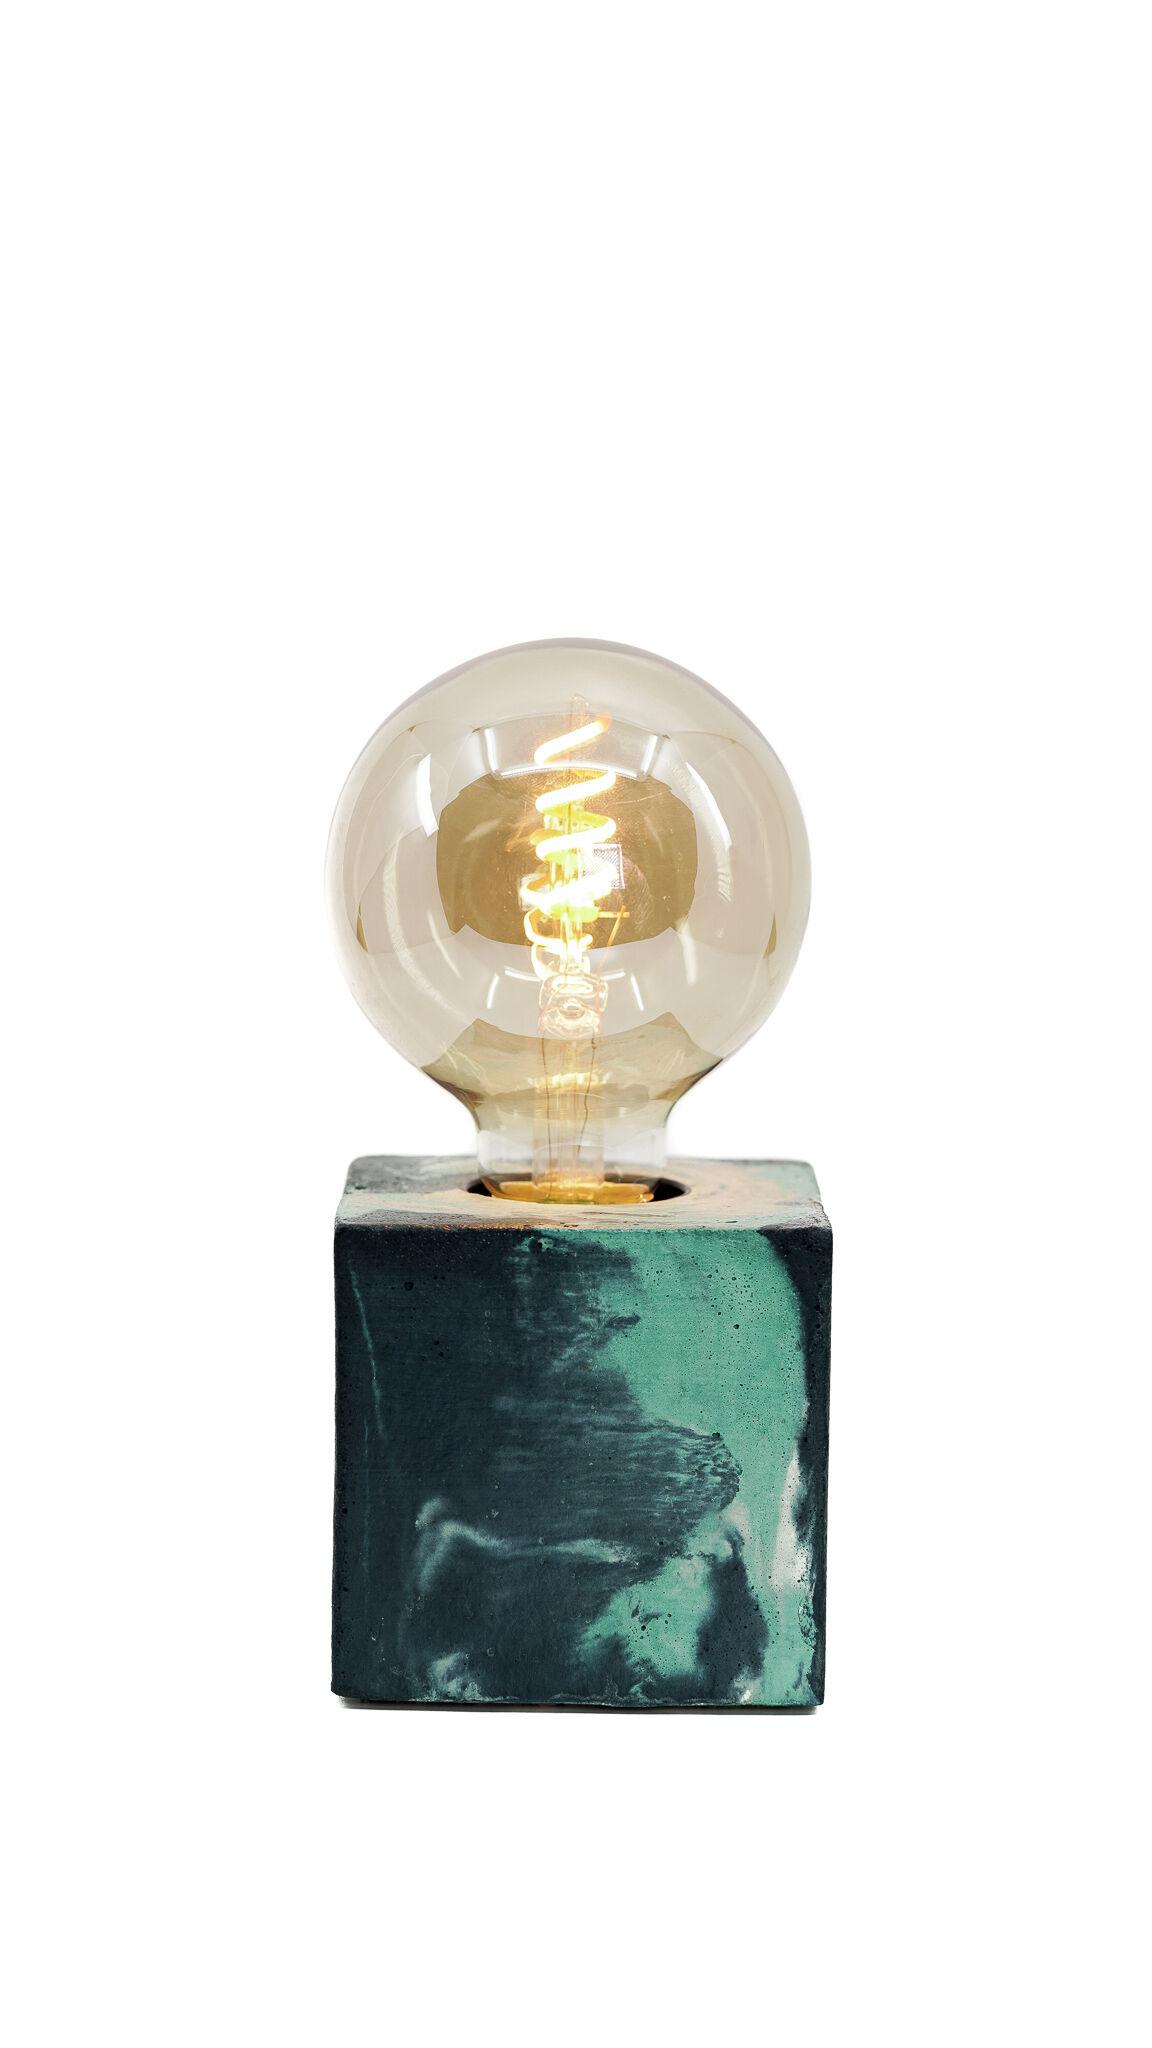 Junny Lampe cube marbré en béton turquoise & bleu